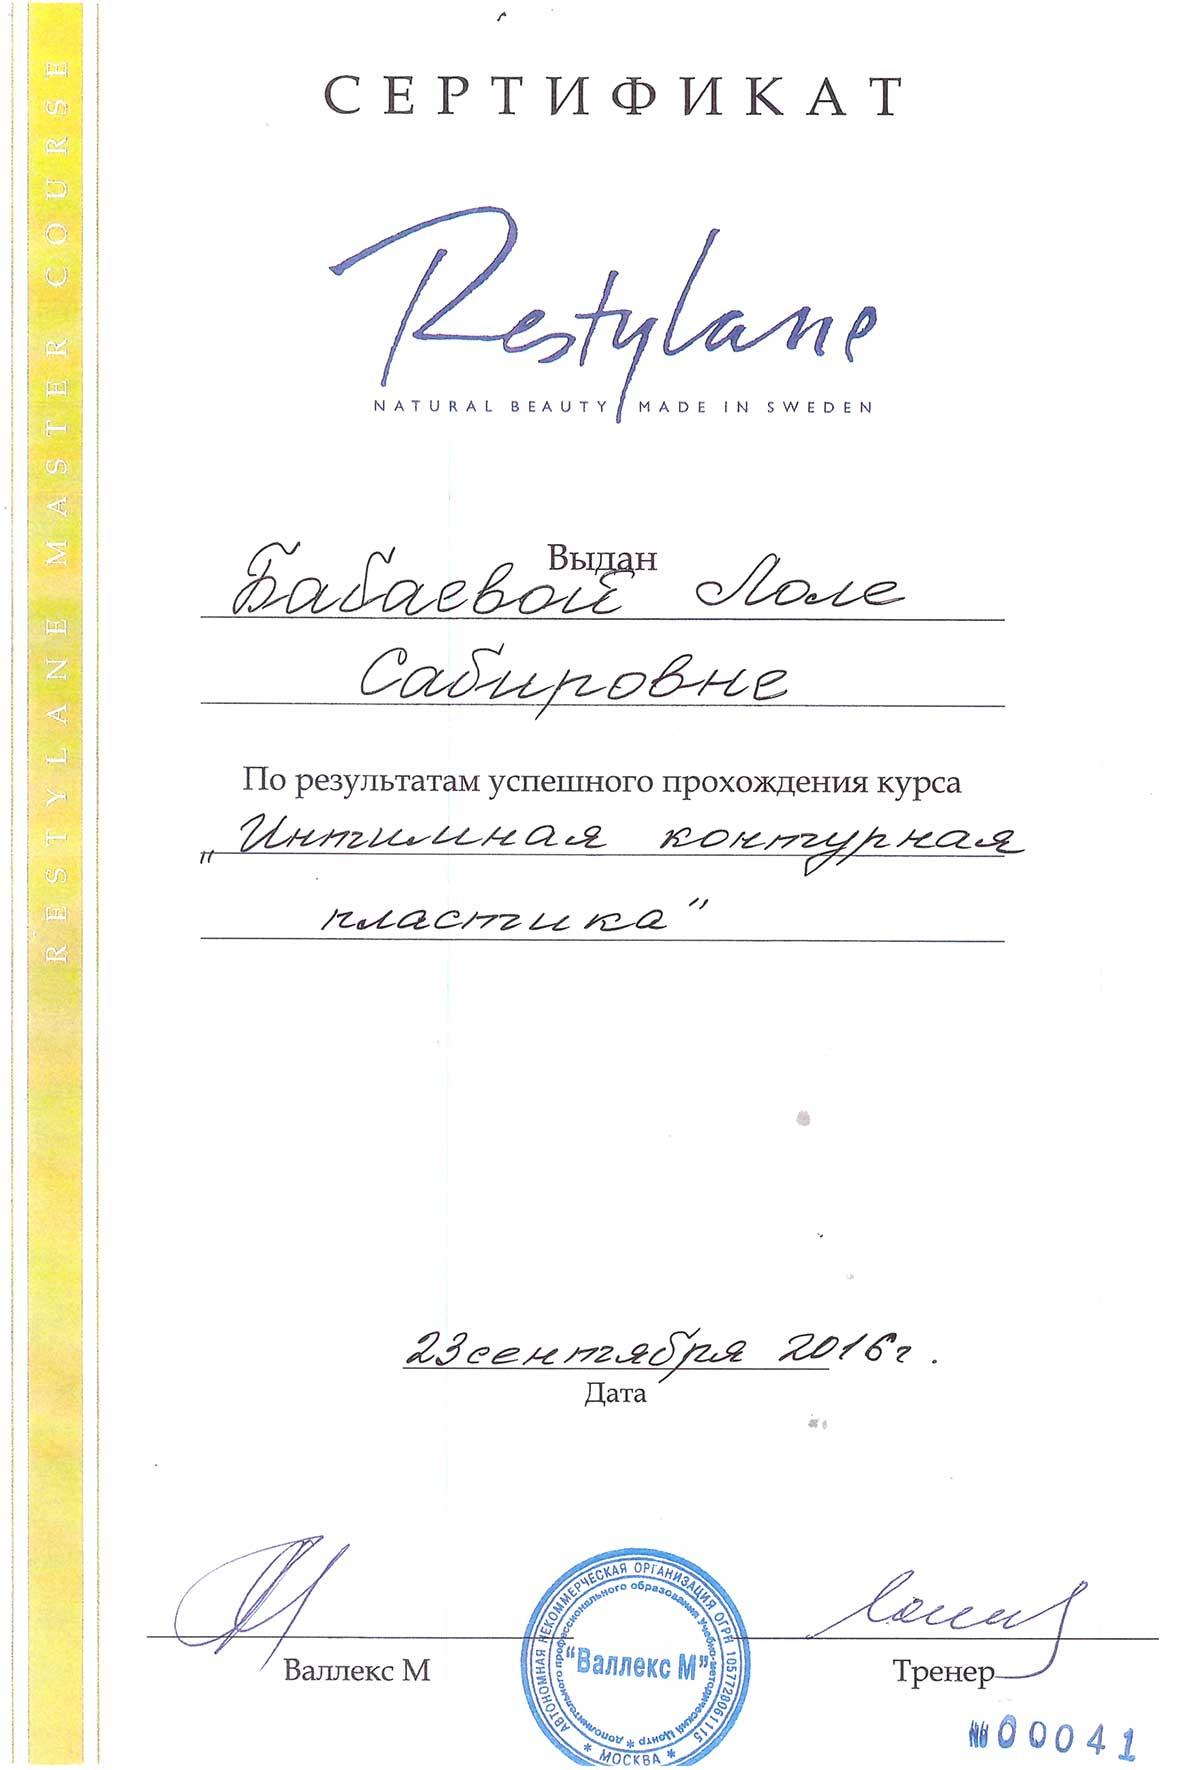 """Сертификат о прохождении курса """"Интимная контурная пластика"""""""